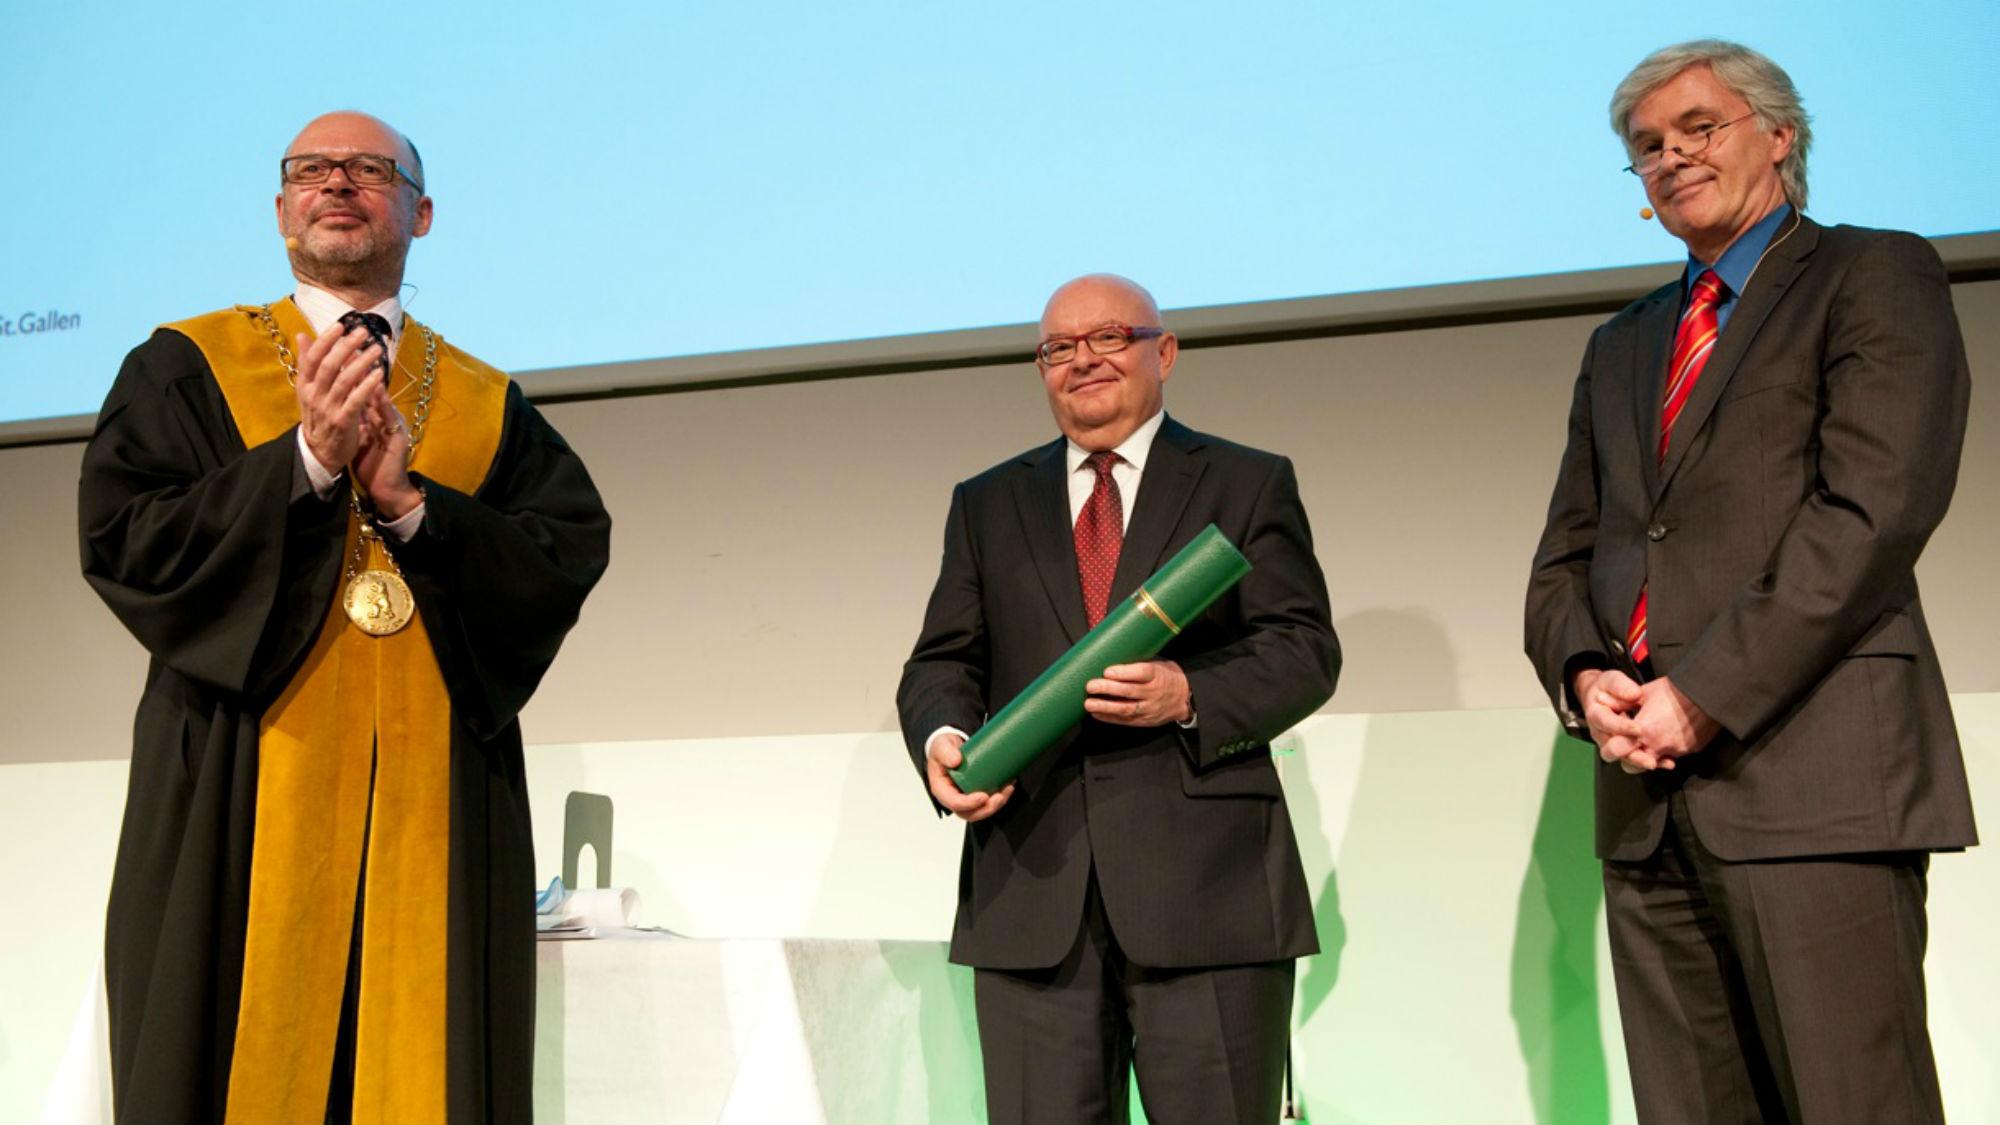 Dies Academicus 2010 Hermann Diller